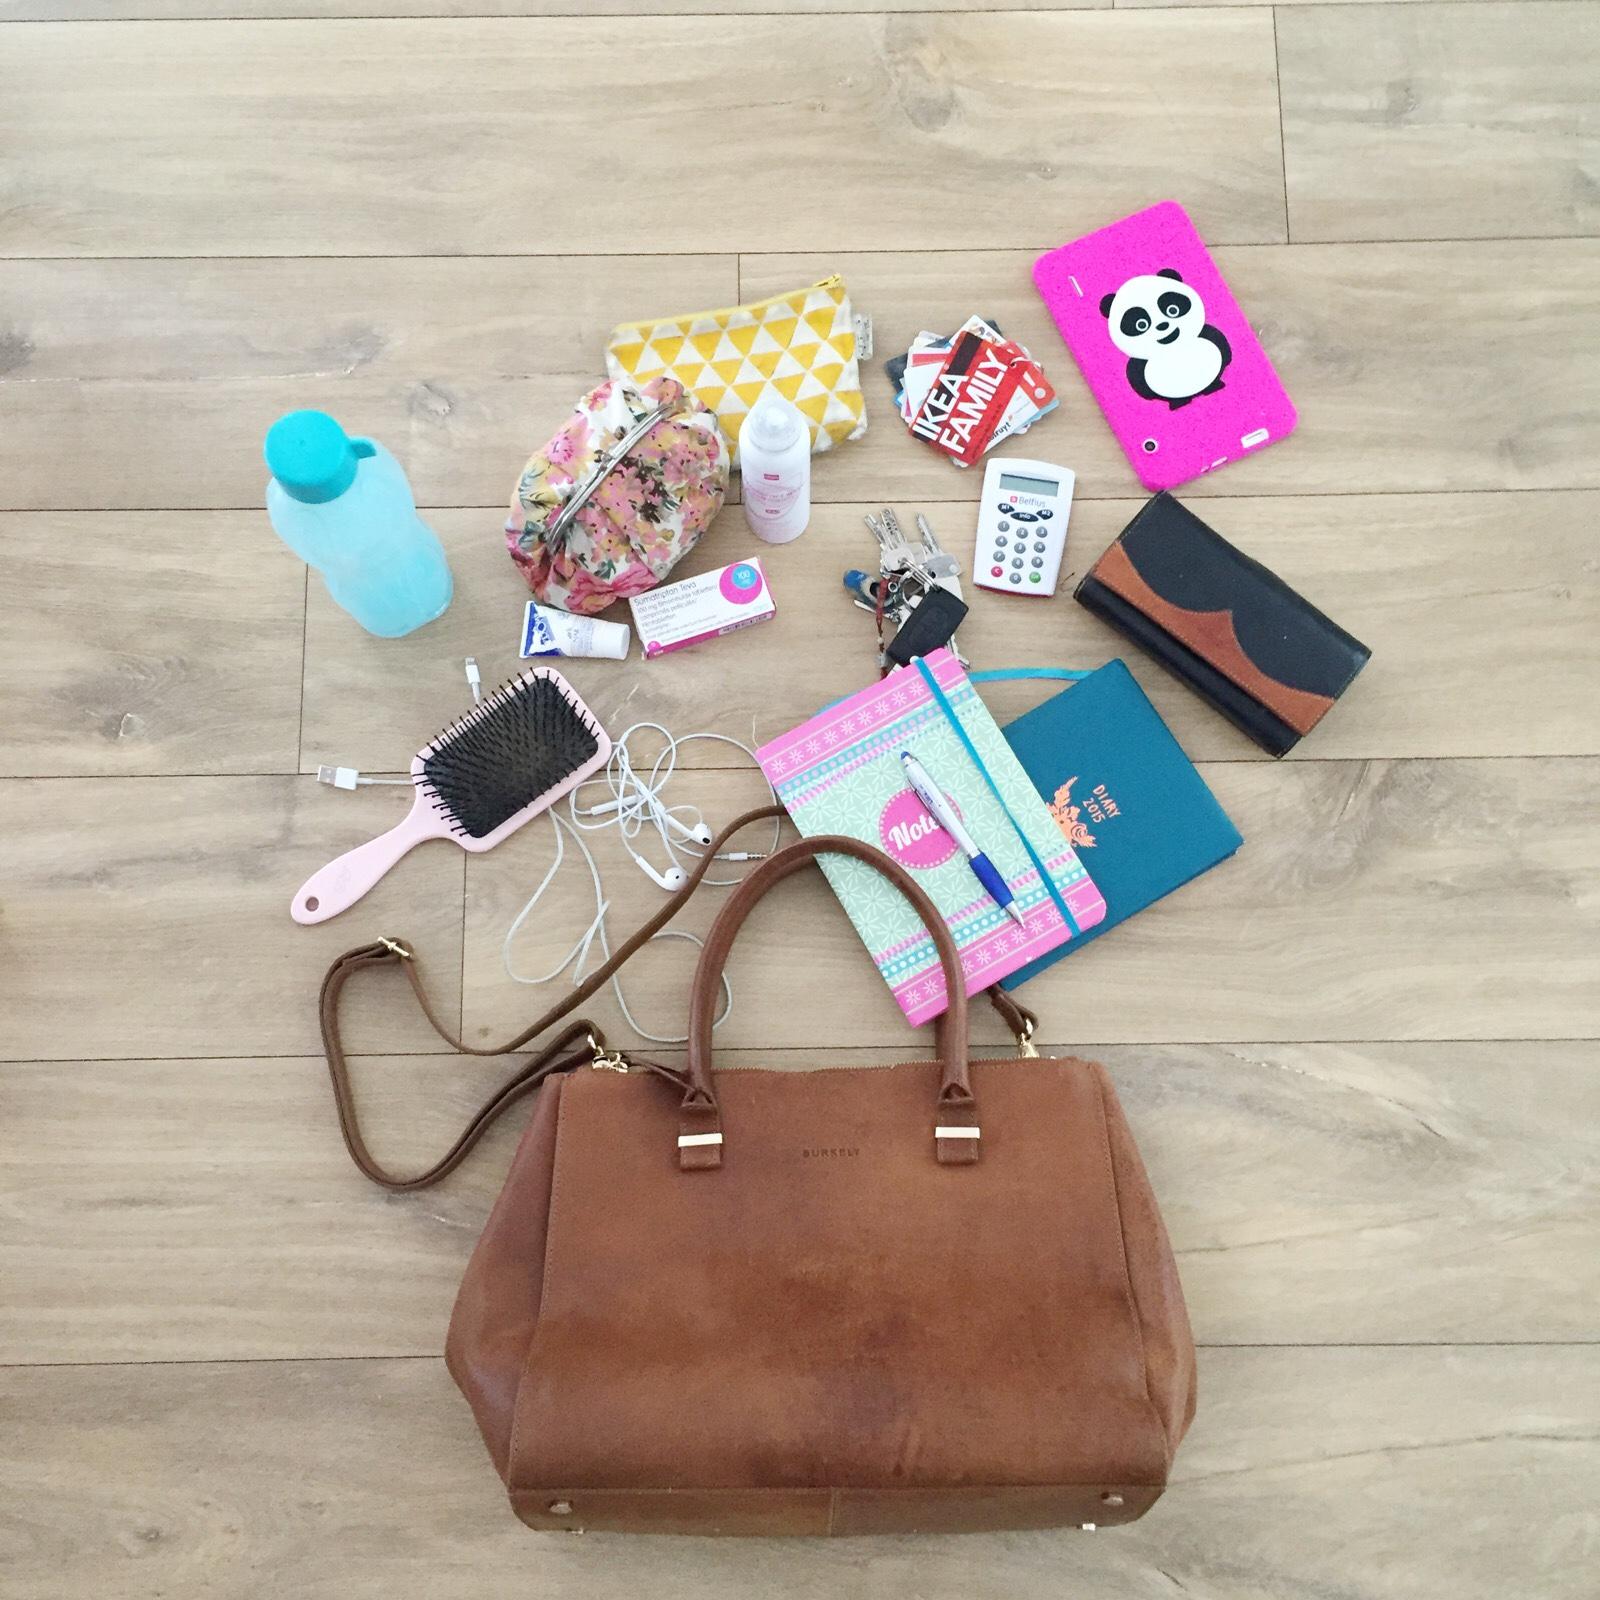 d70474b2bb5 So Baggy: Wat zit er in mijn handtas? - Leuke Wereld